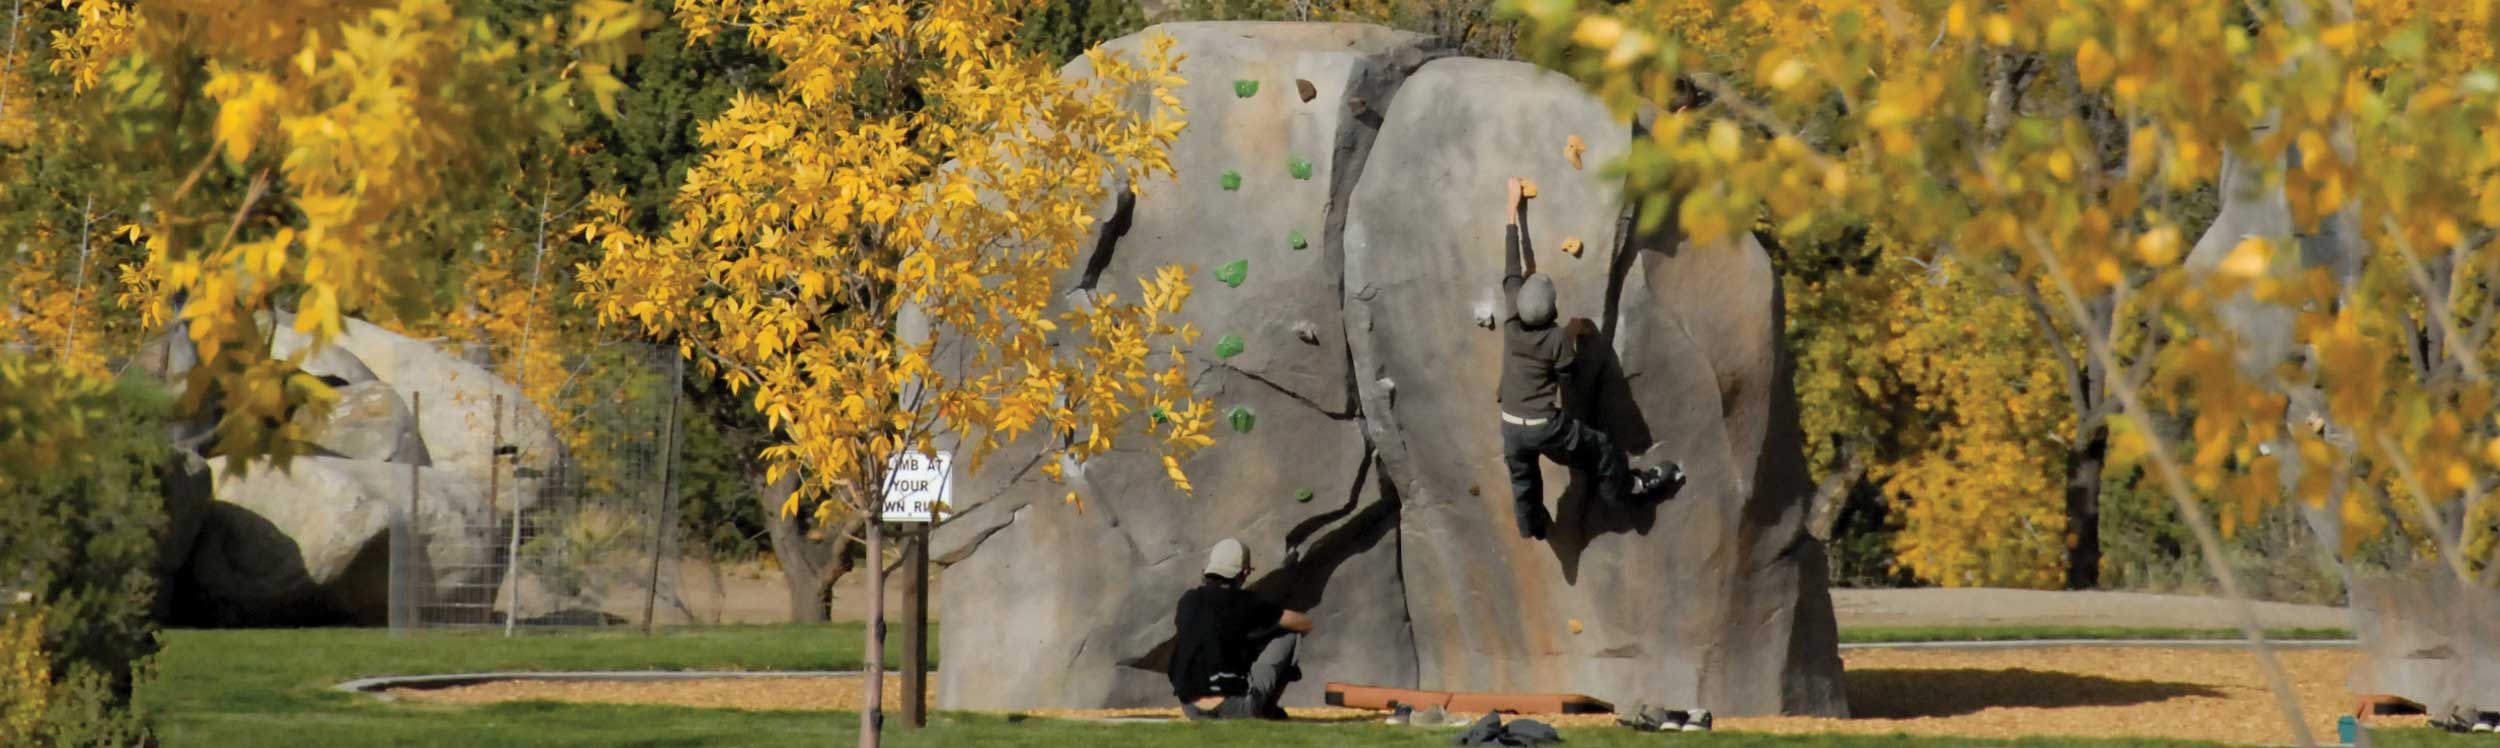 Rock Climbing Sculpture Park Equipment